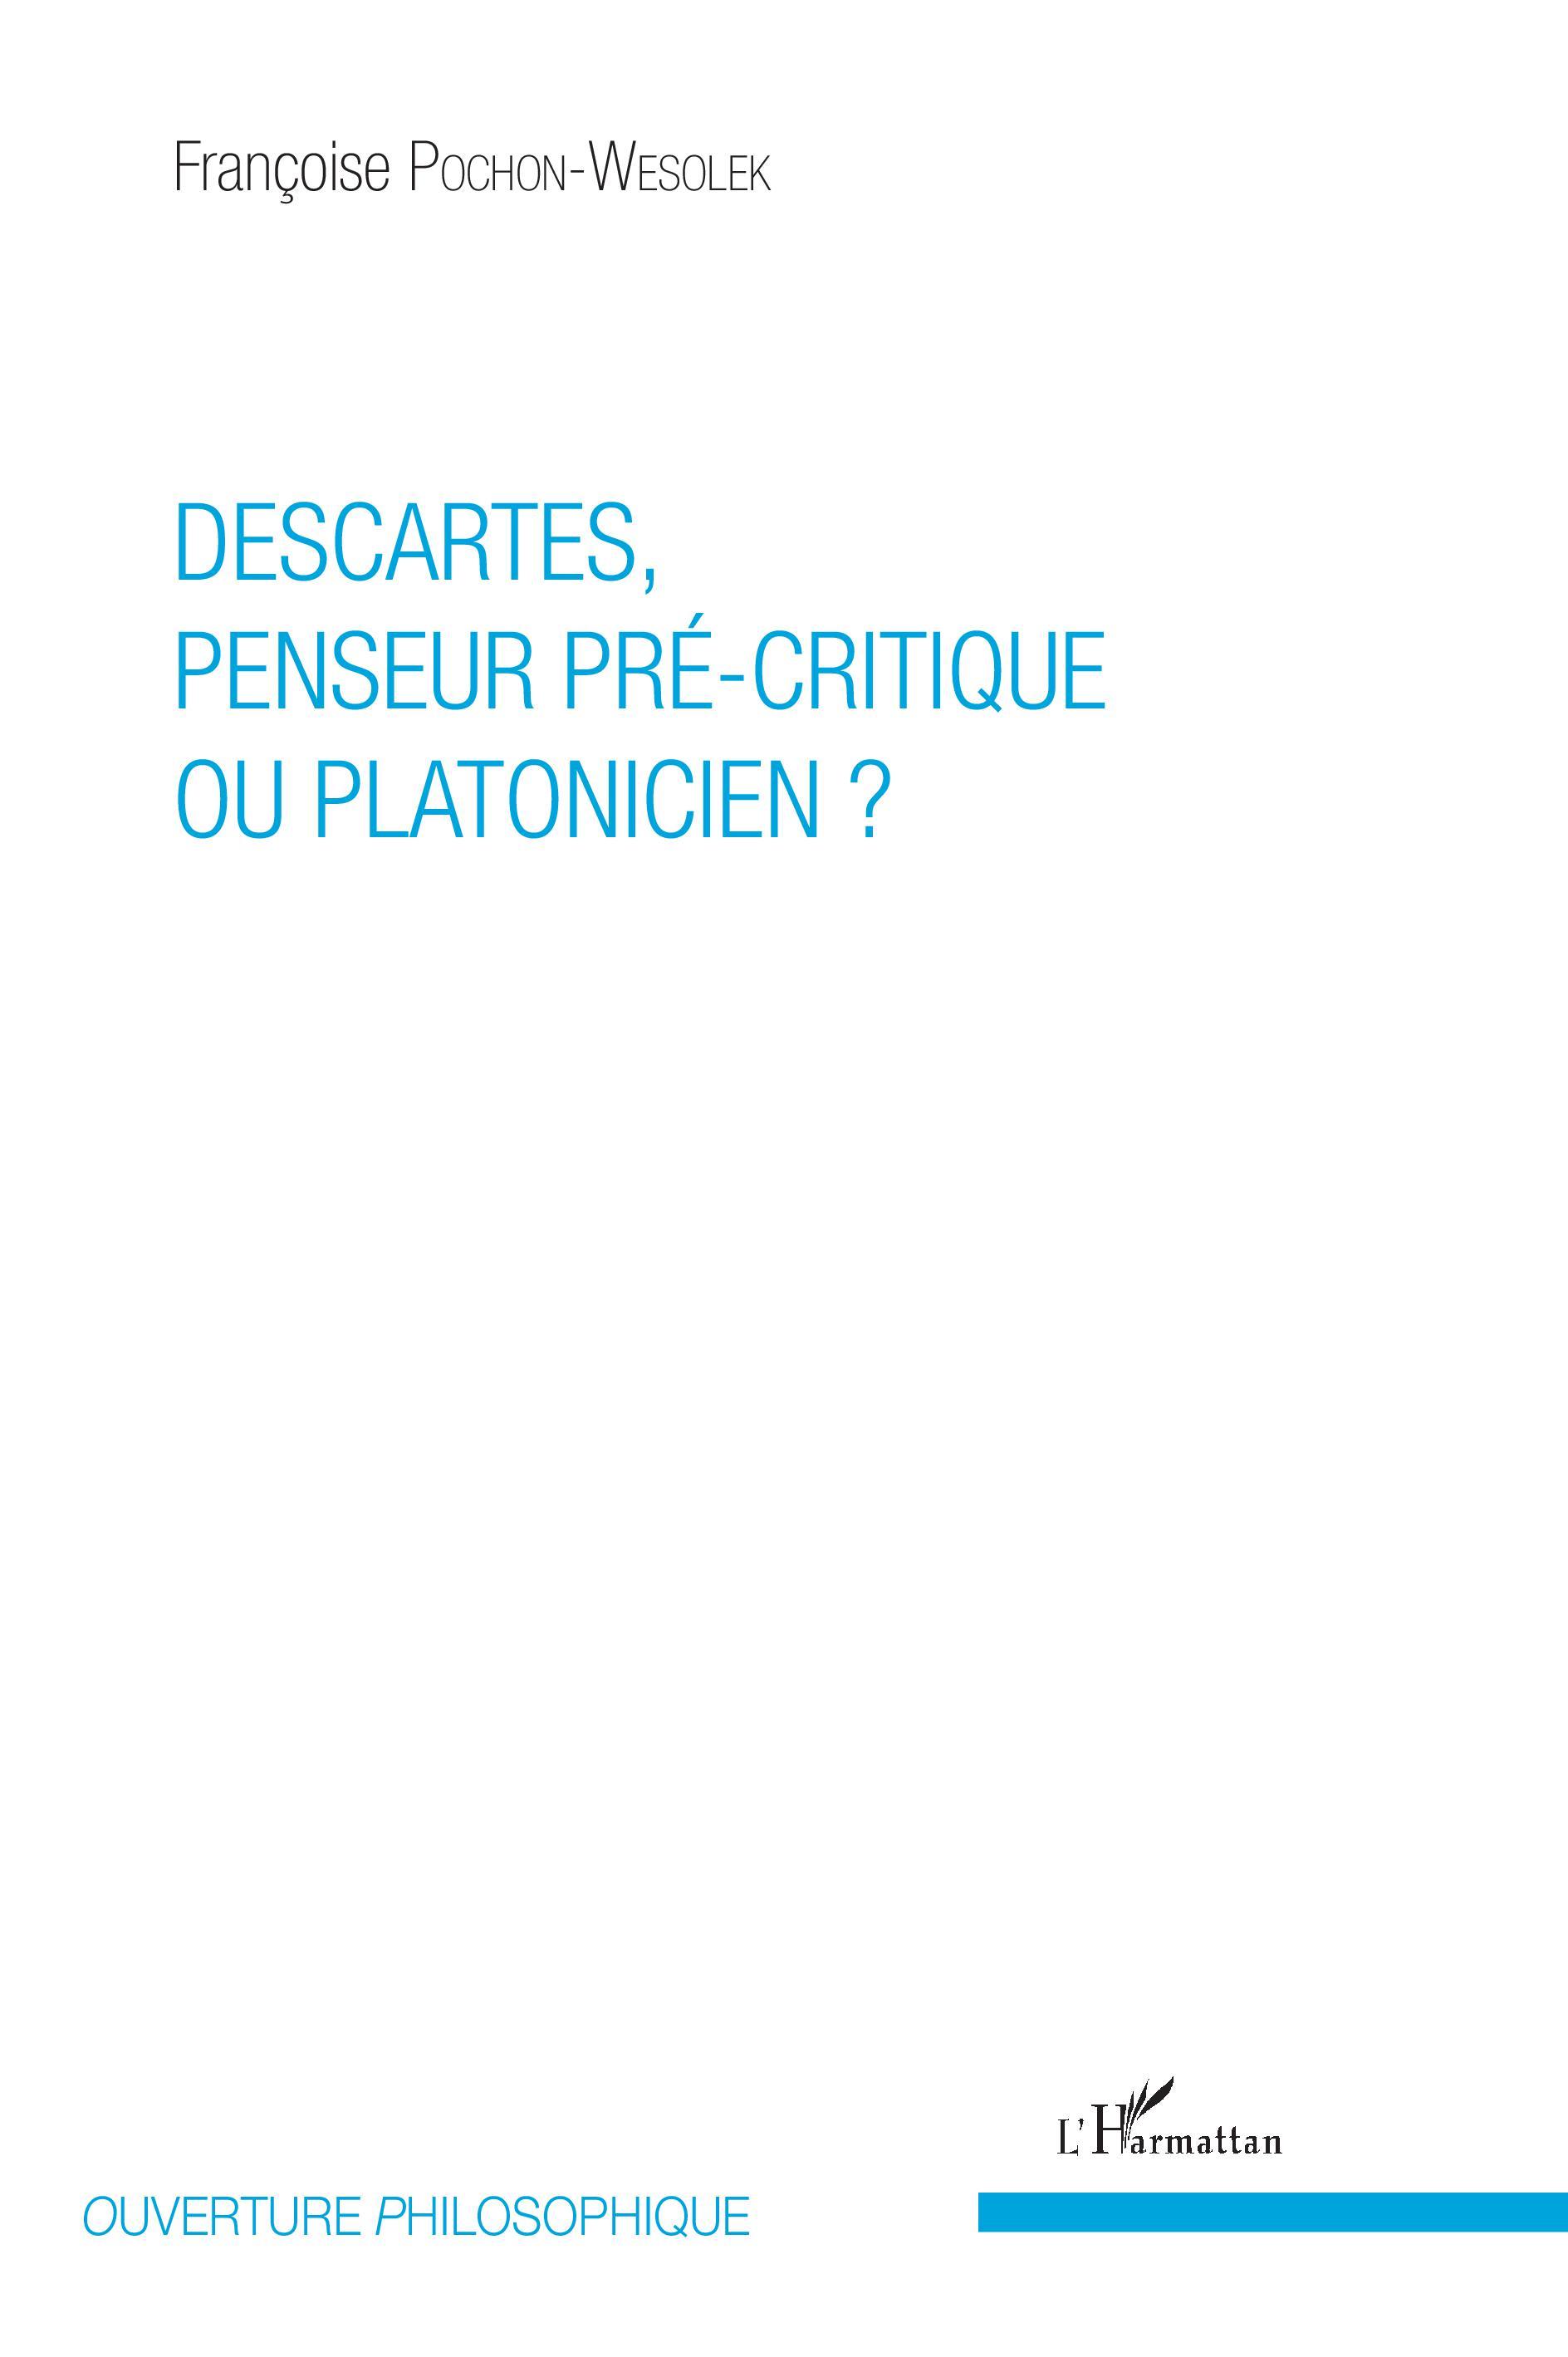 pochon_descartes_penseur_pre_critique_ou_platonicien.jpg